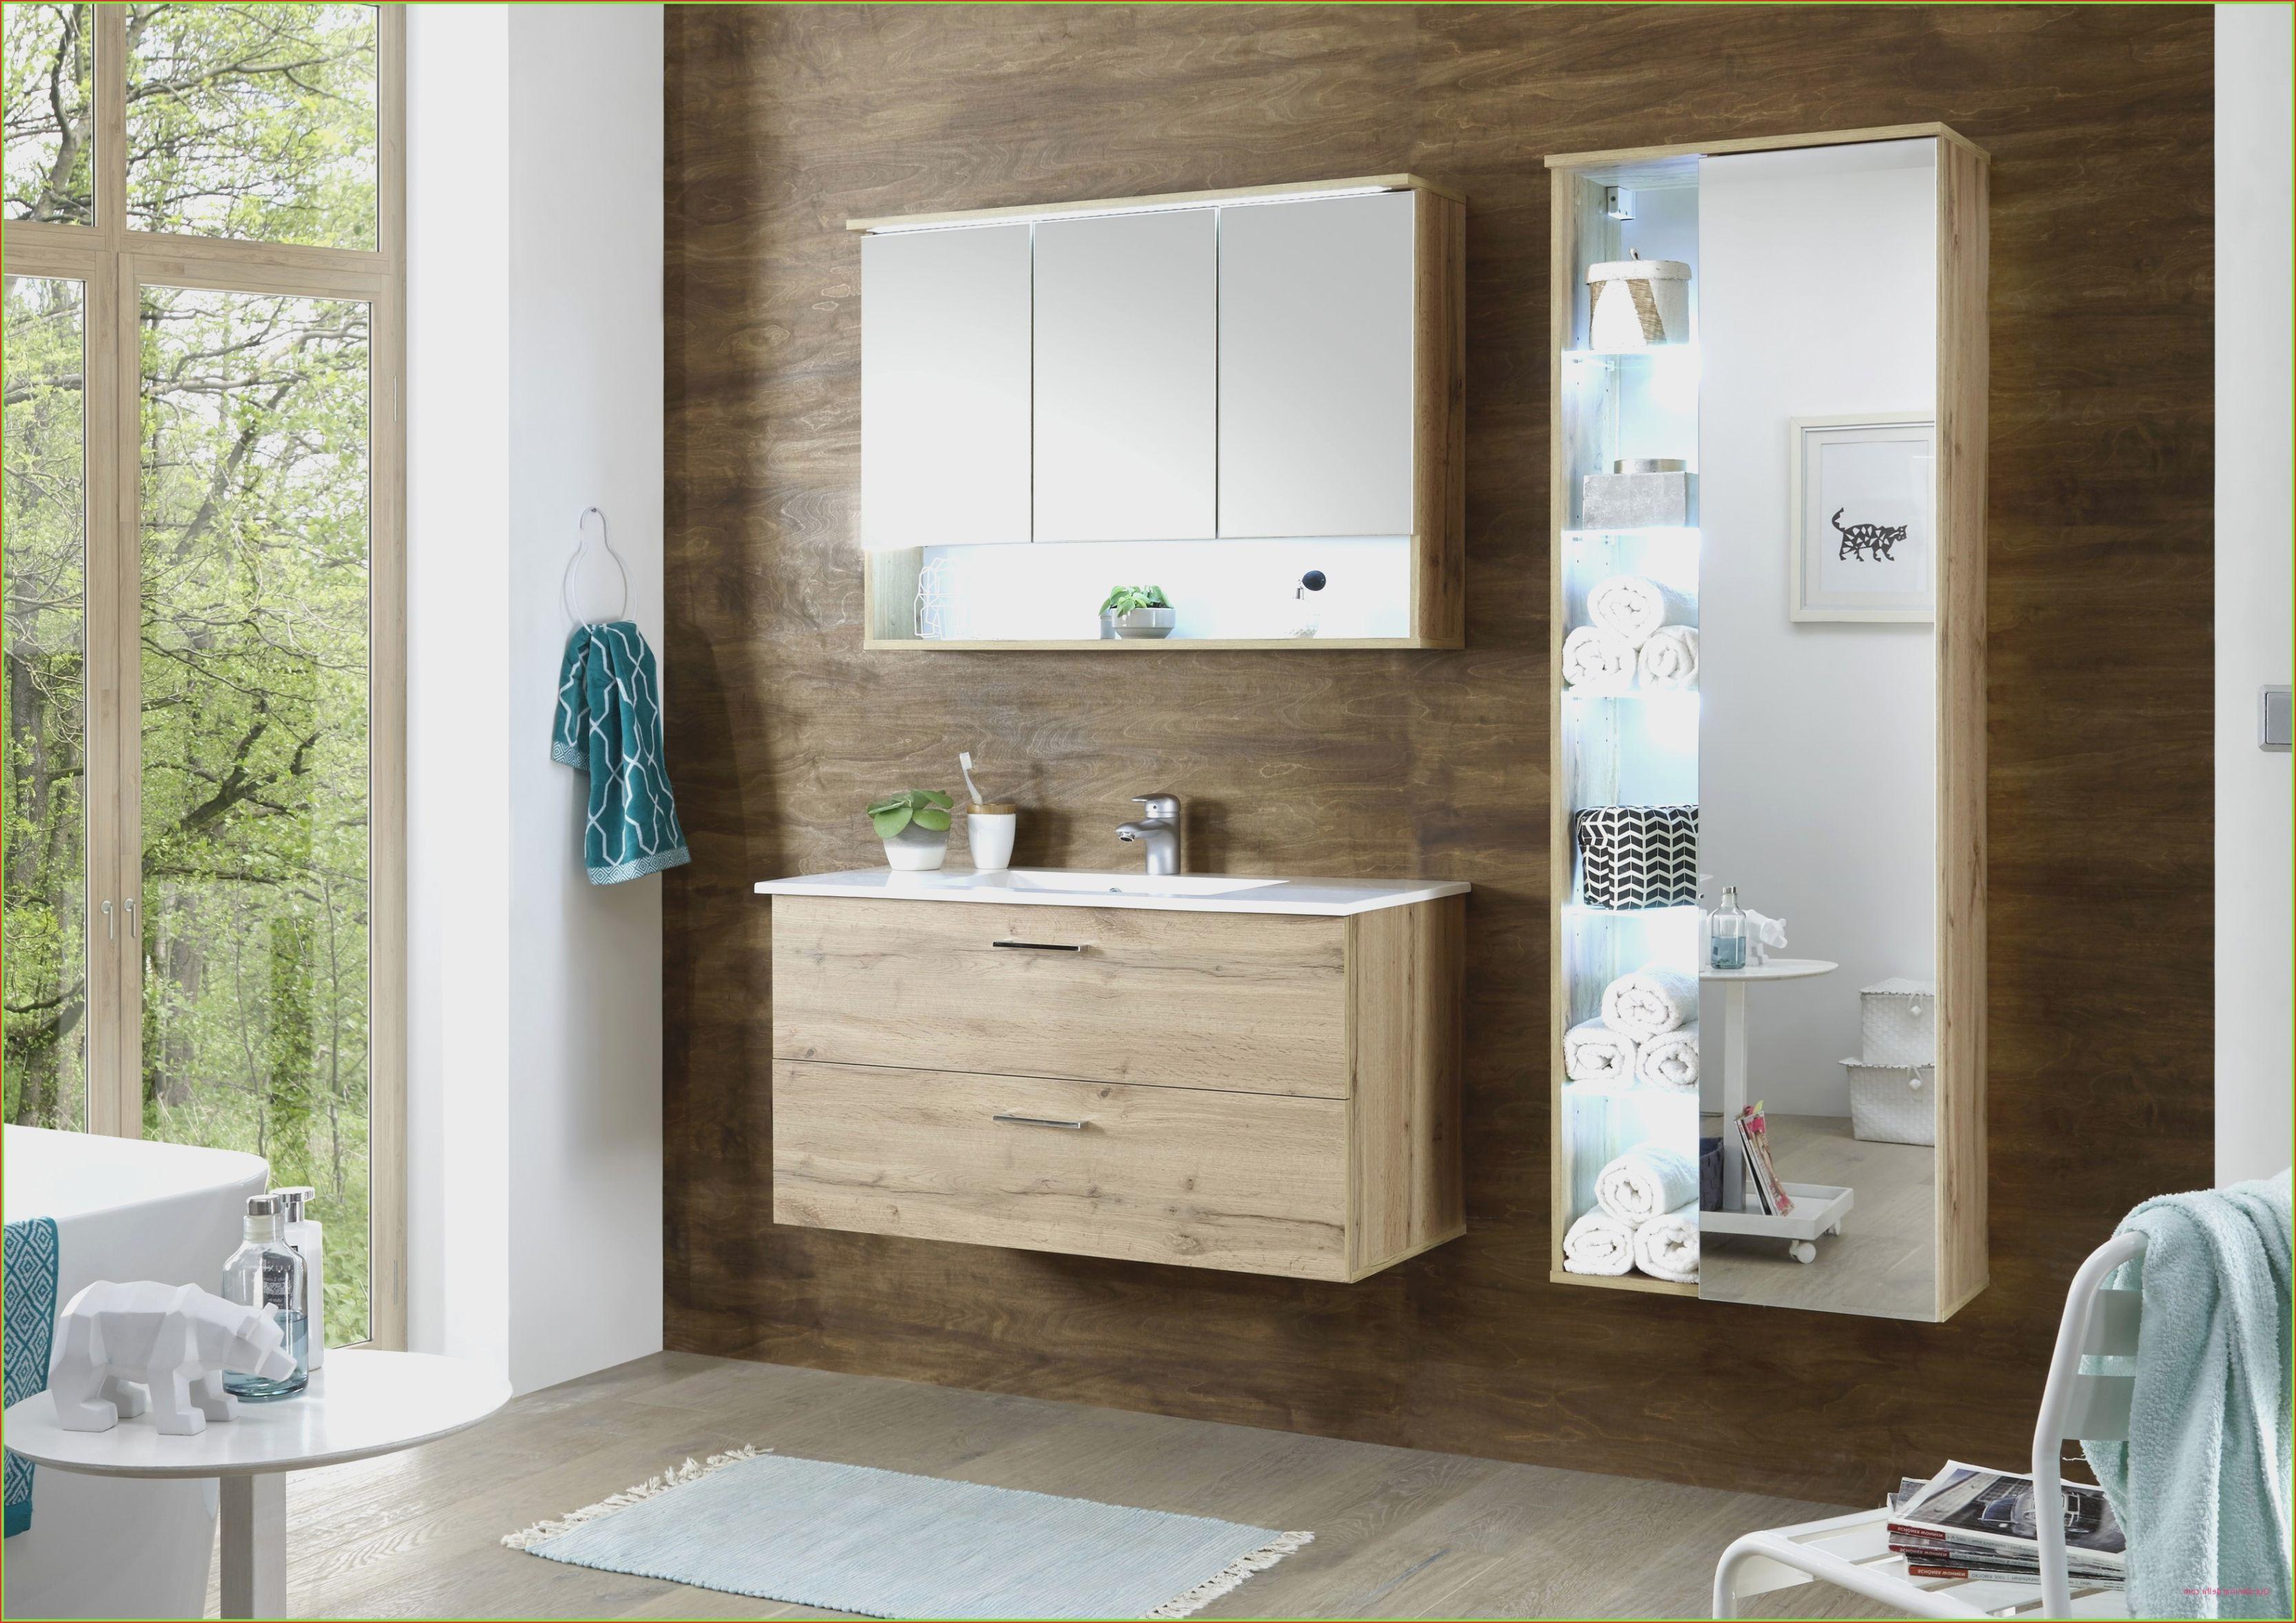 Garten Konzept 29 Tolle Badmobel Selber Bauen O82p Spiegelschrank Ikea Spiegelschrank Badezimmer Set